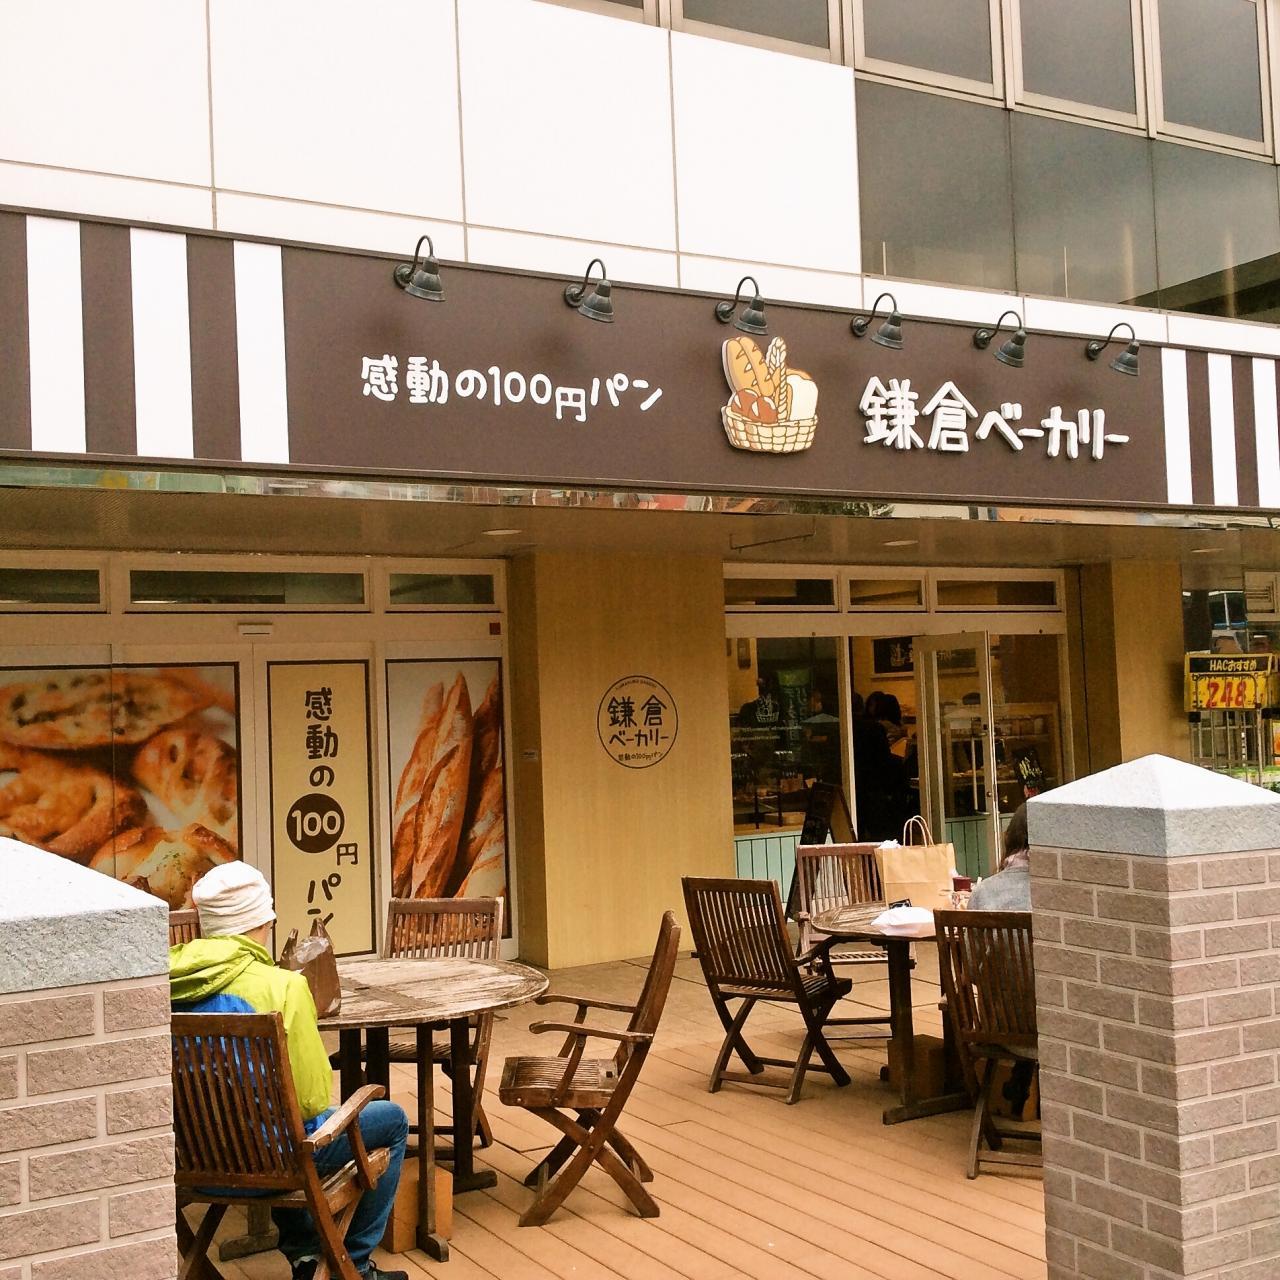 鎌倉ベーカリー相模大野店(店舗)